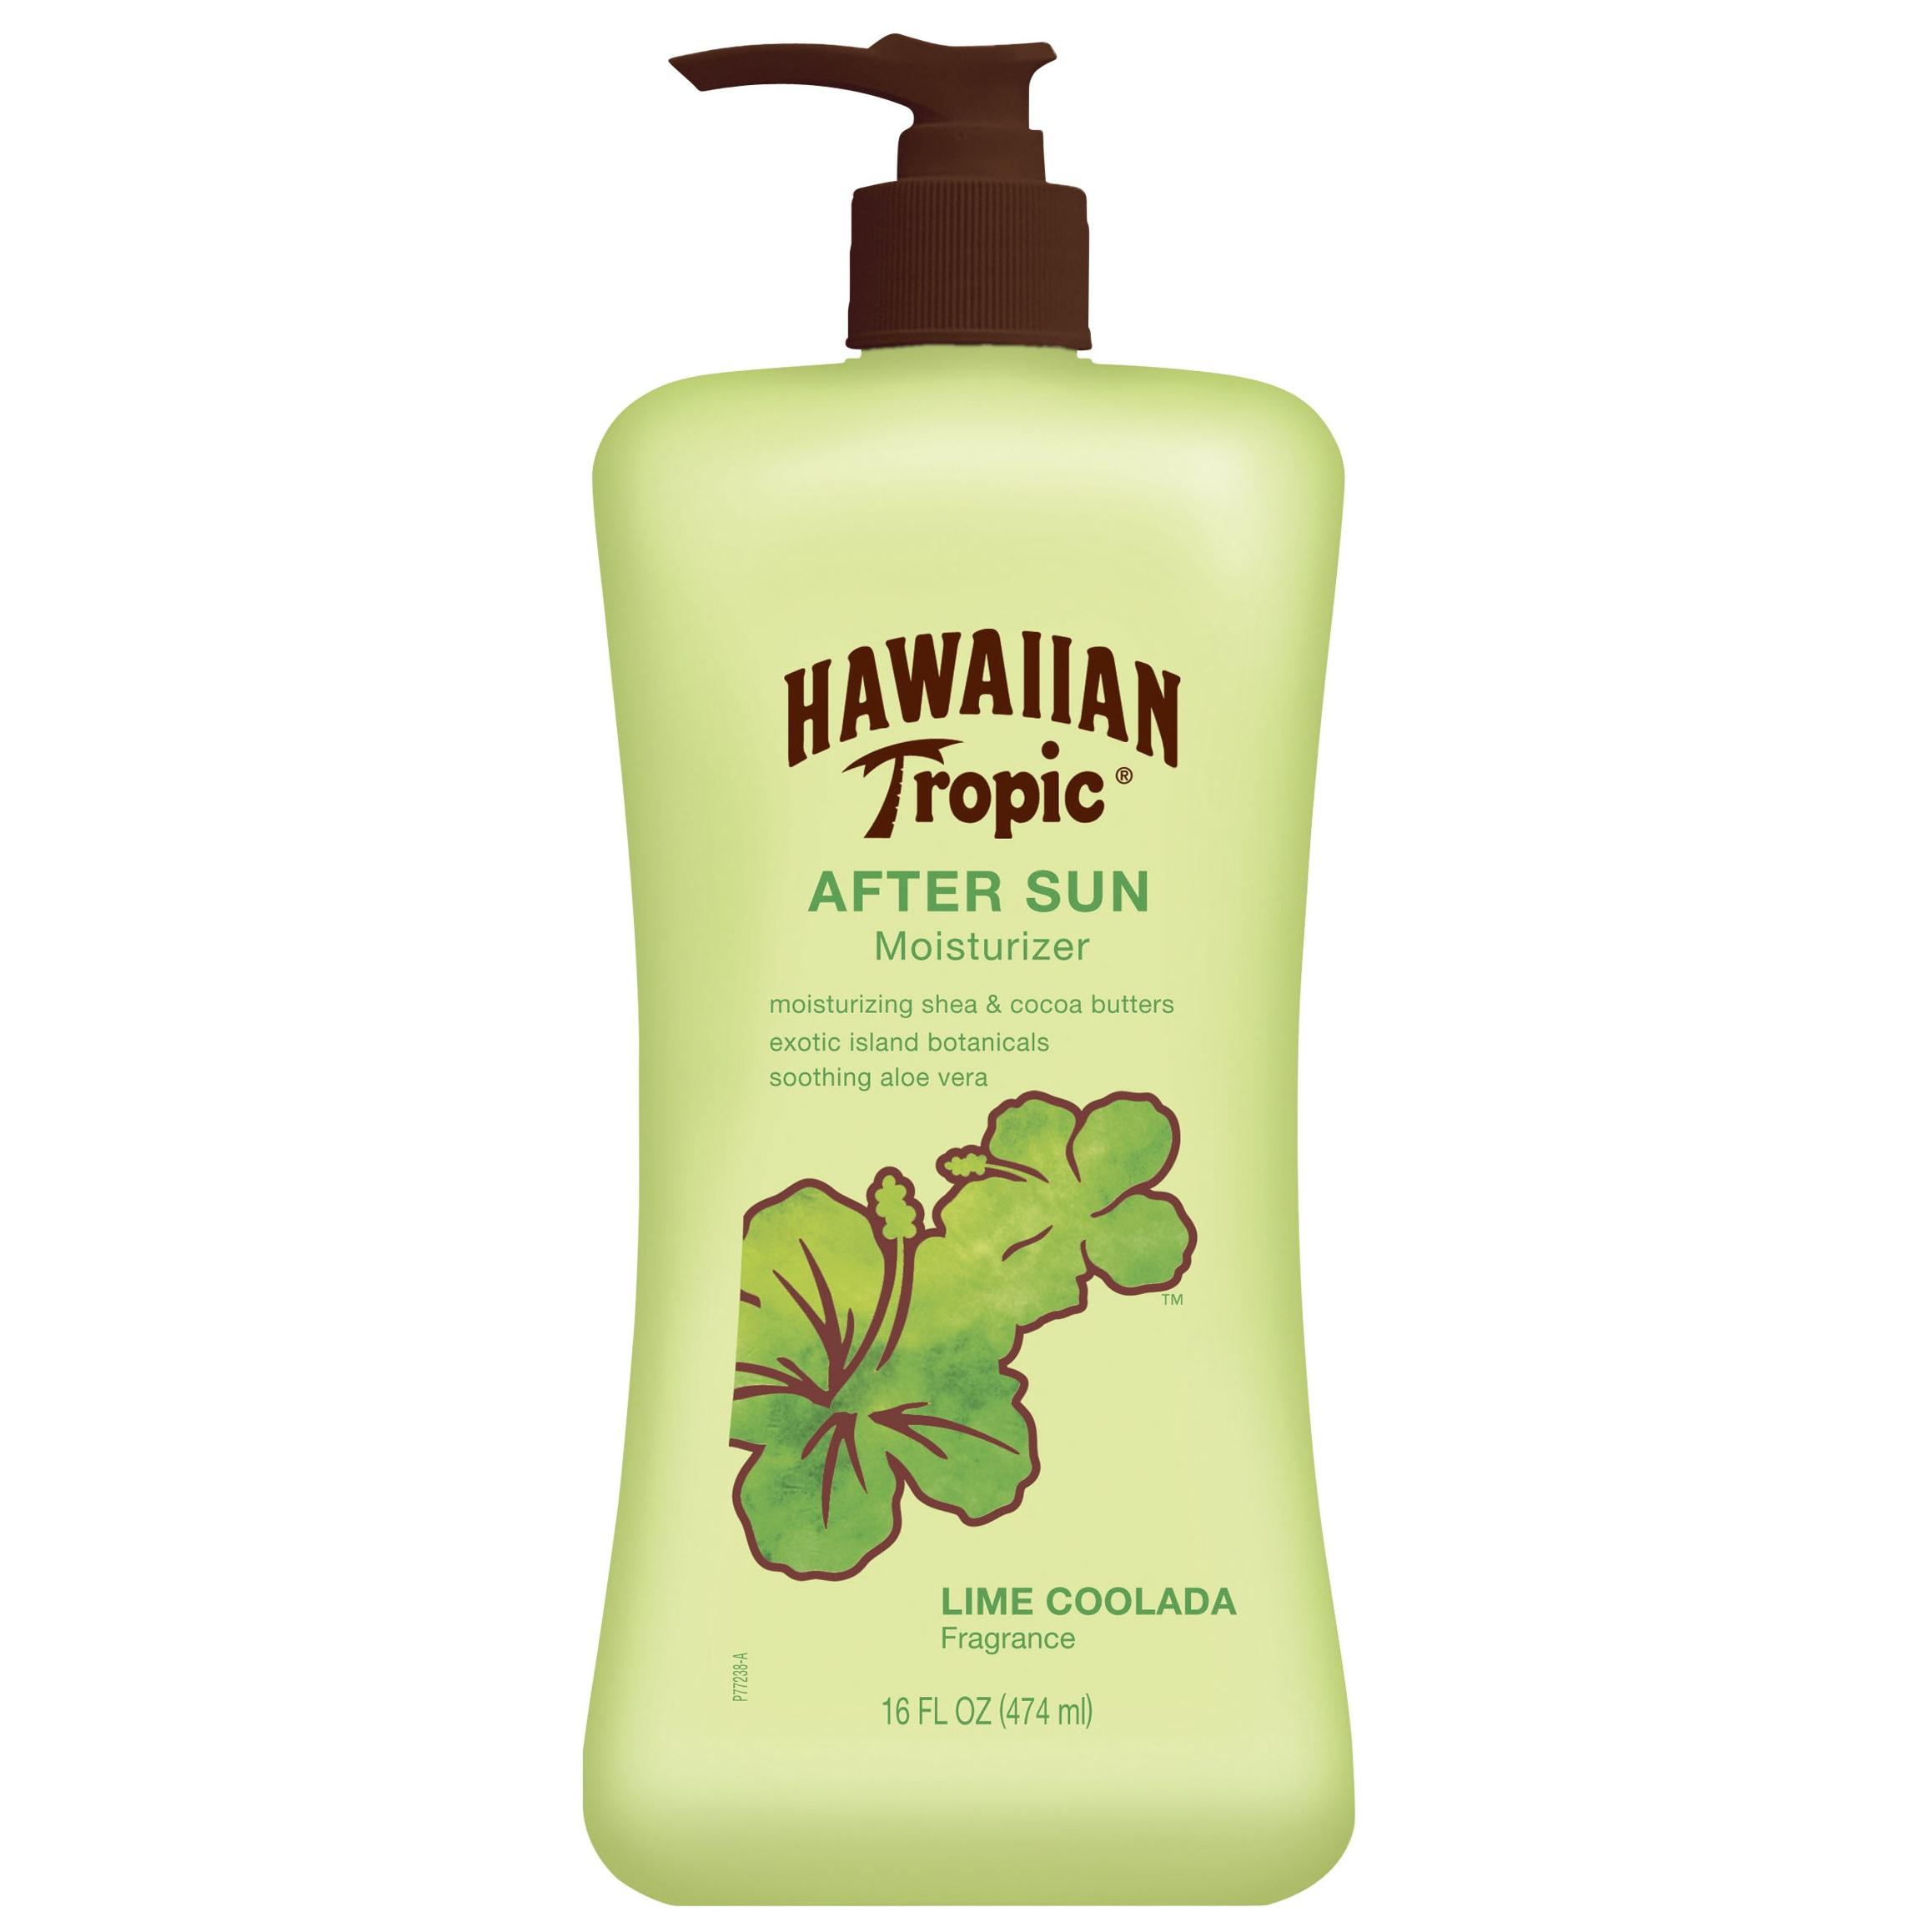 Hawaiian Tropic After Sun Moisturizer Lime Coolada una crema que mezcla mantequilla de karité y cocoa con sábila para hidratar a la vez que calma la piel. A la venta en farmacias. (Suministrada)